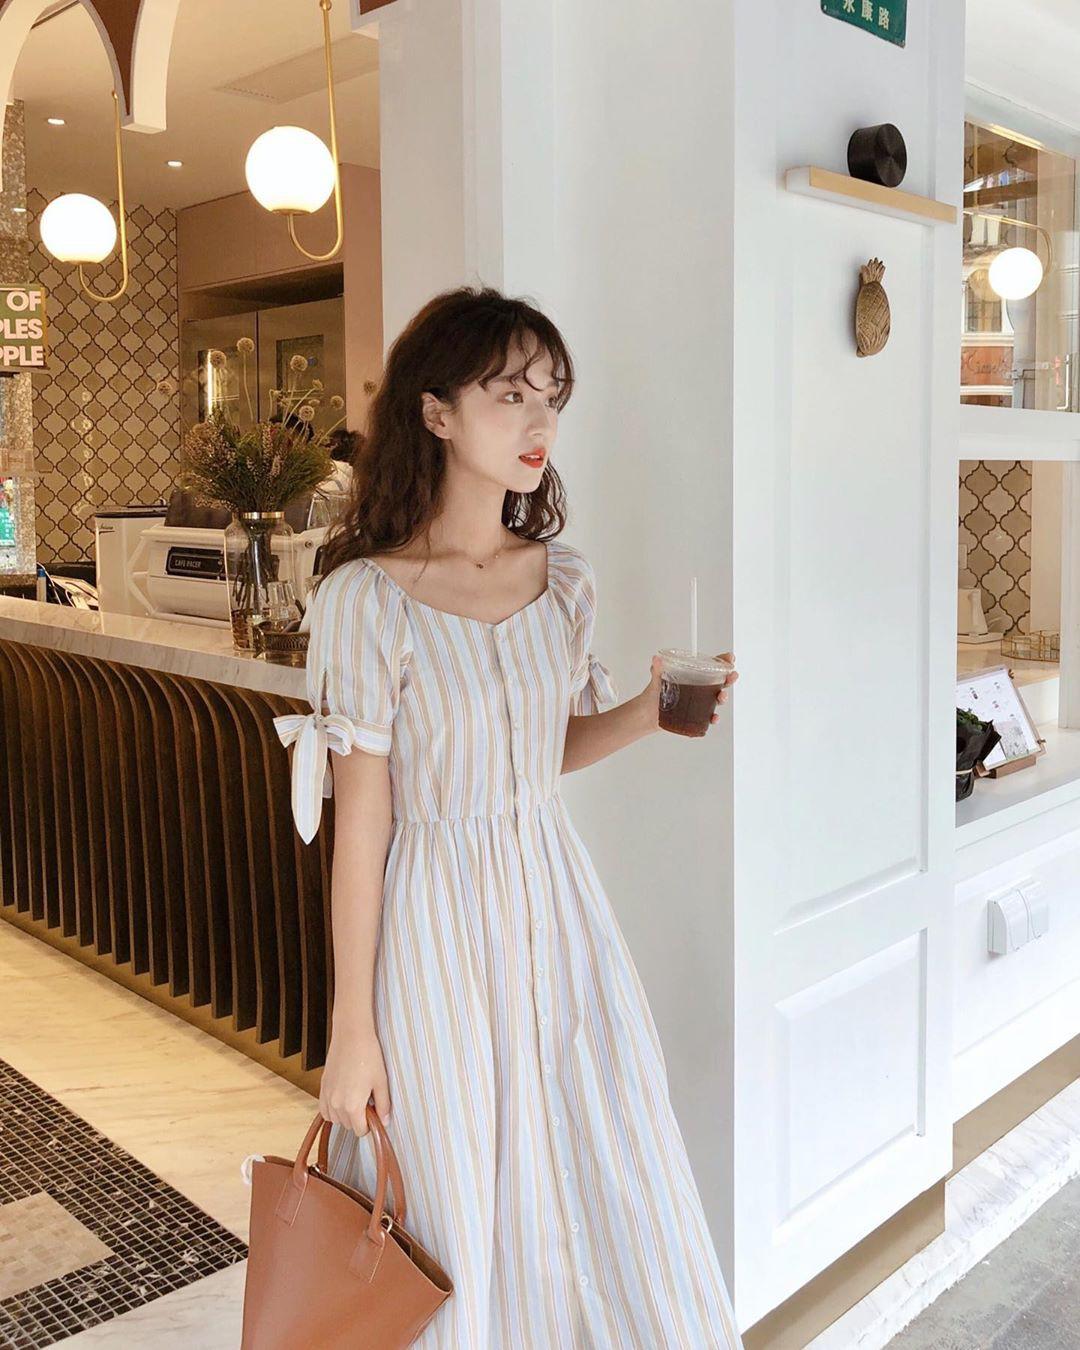 Không chỉ xinh lịm tim, mẫu váy này còn sánh ngang với váy cổ chữ V về khả năng sang chảnh hóa phong cách - Hình 12